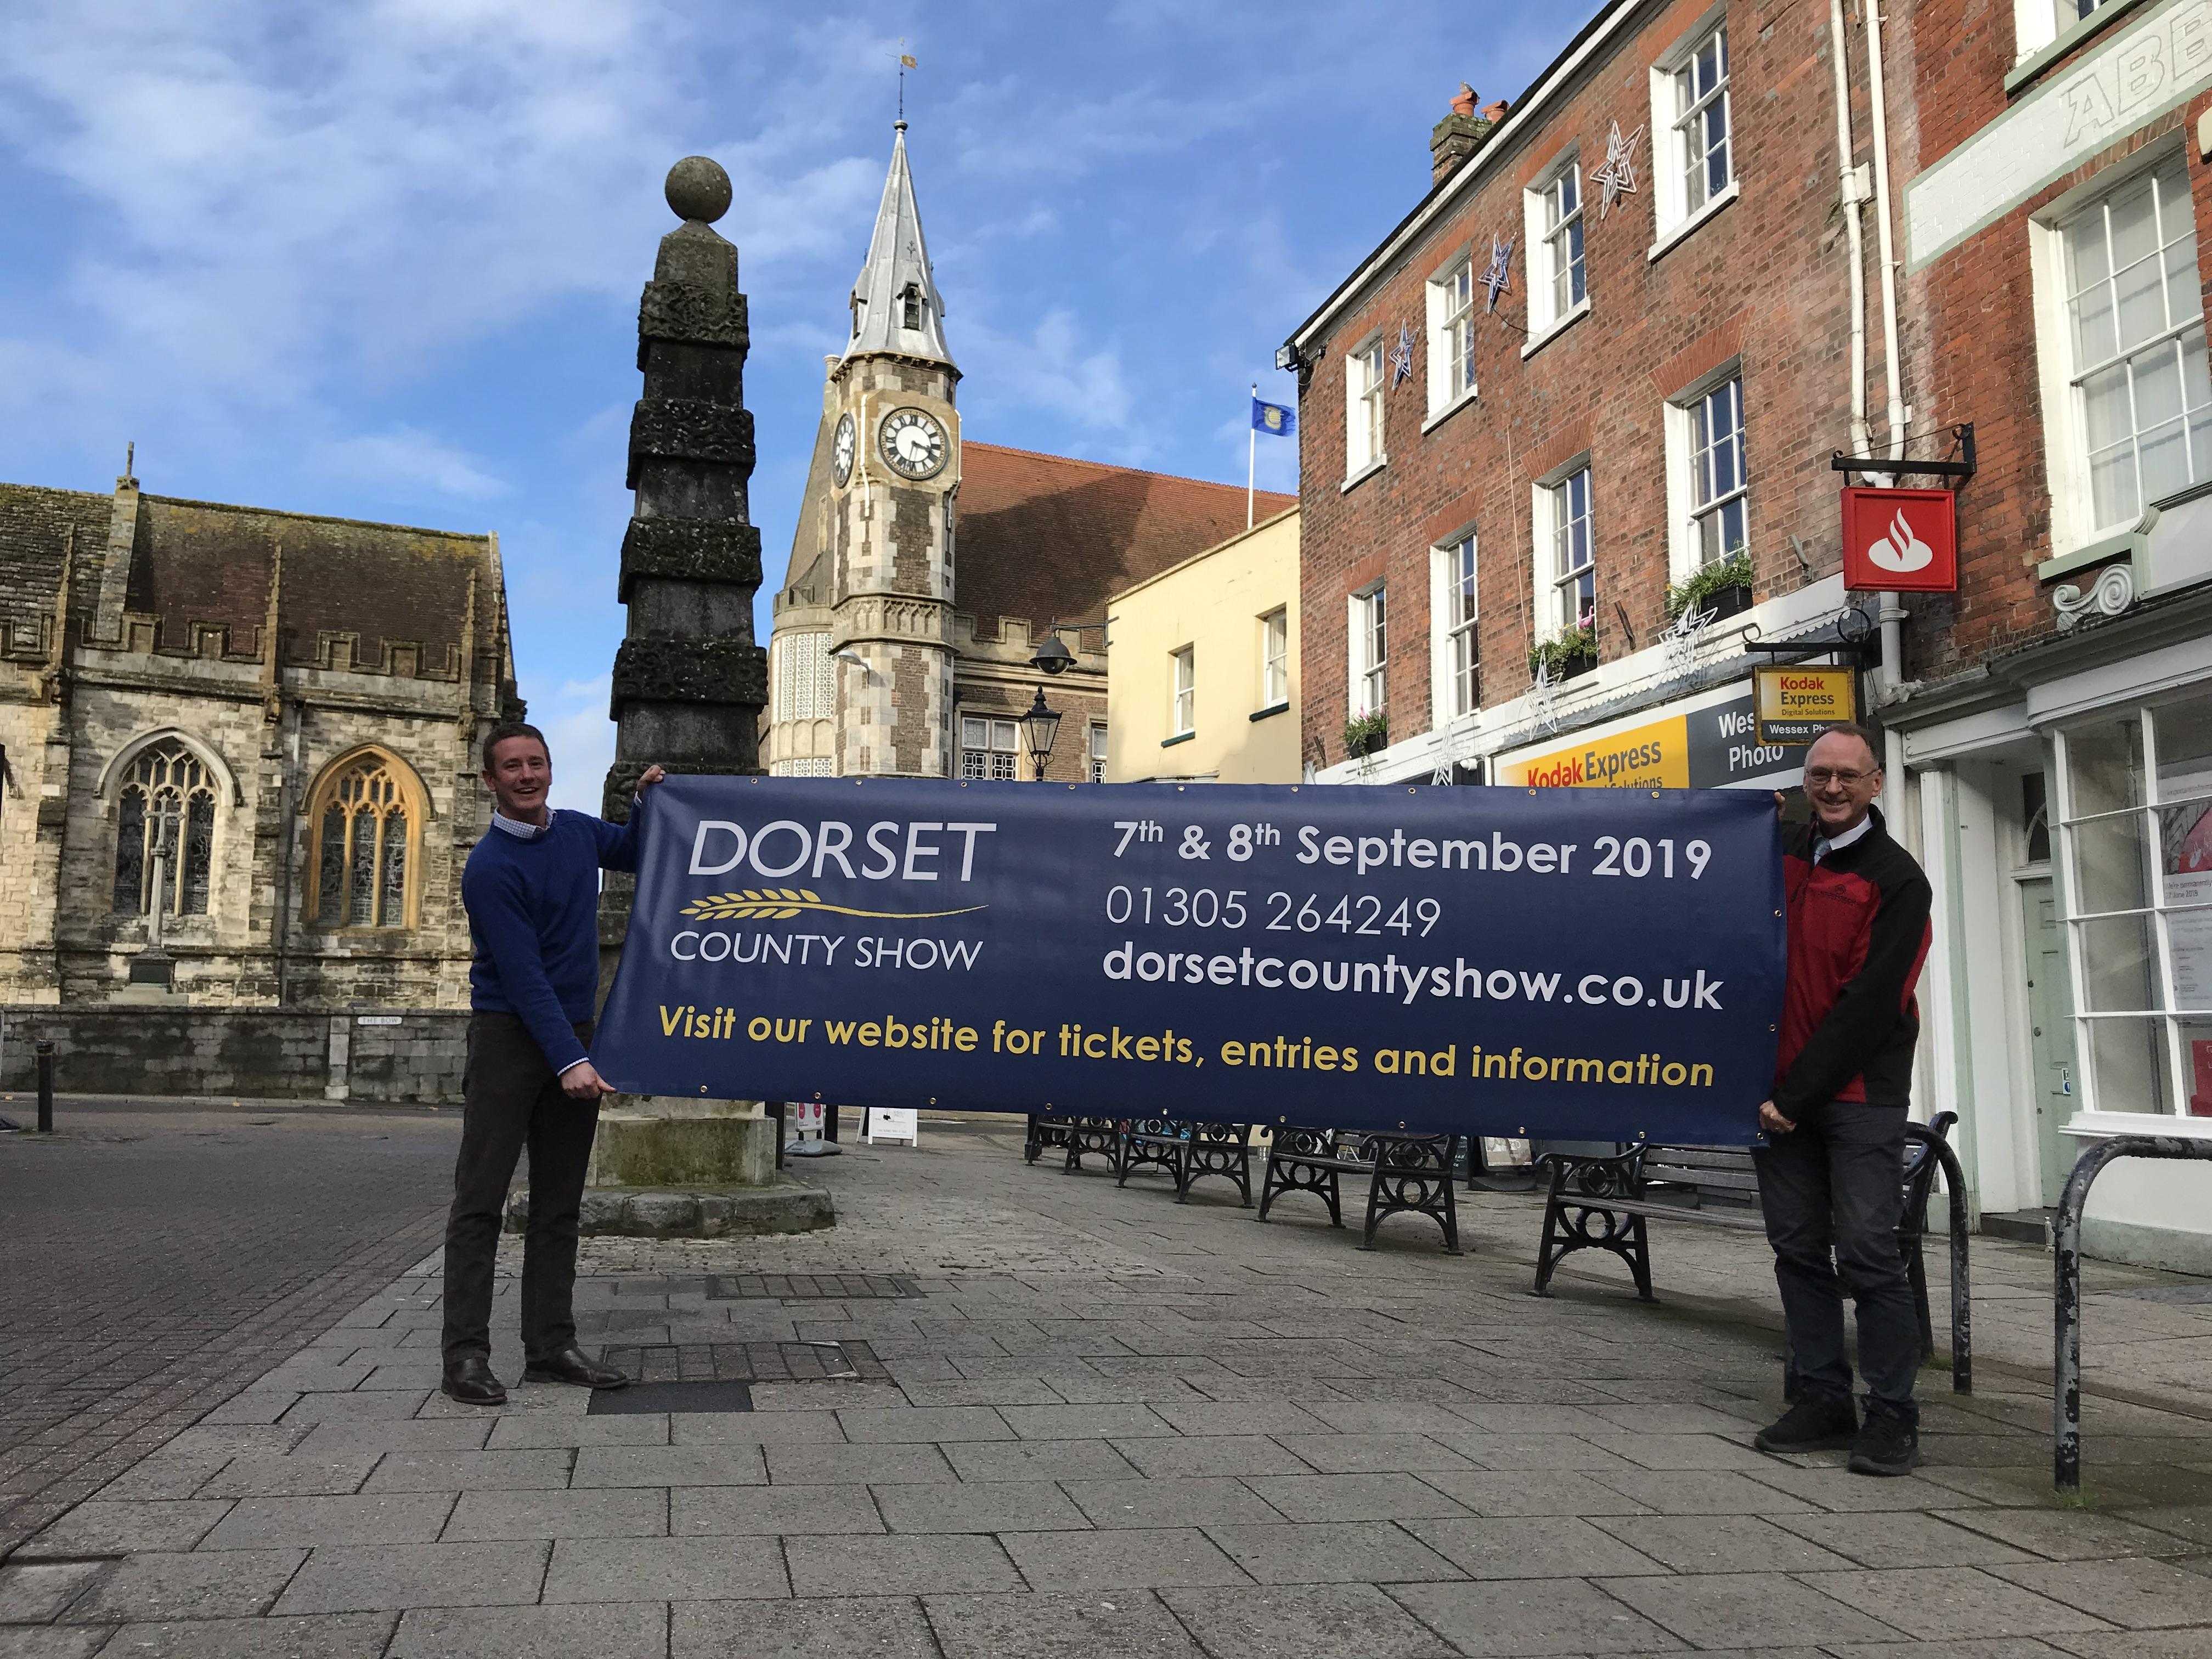 Will Hyde, Dorset County Show, and Phil Gordon, Dorchester BID